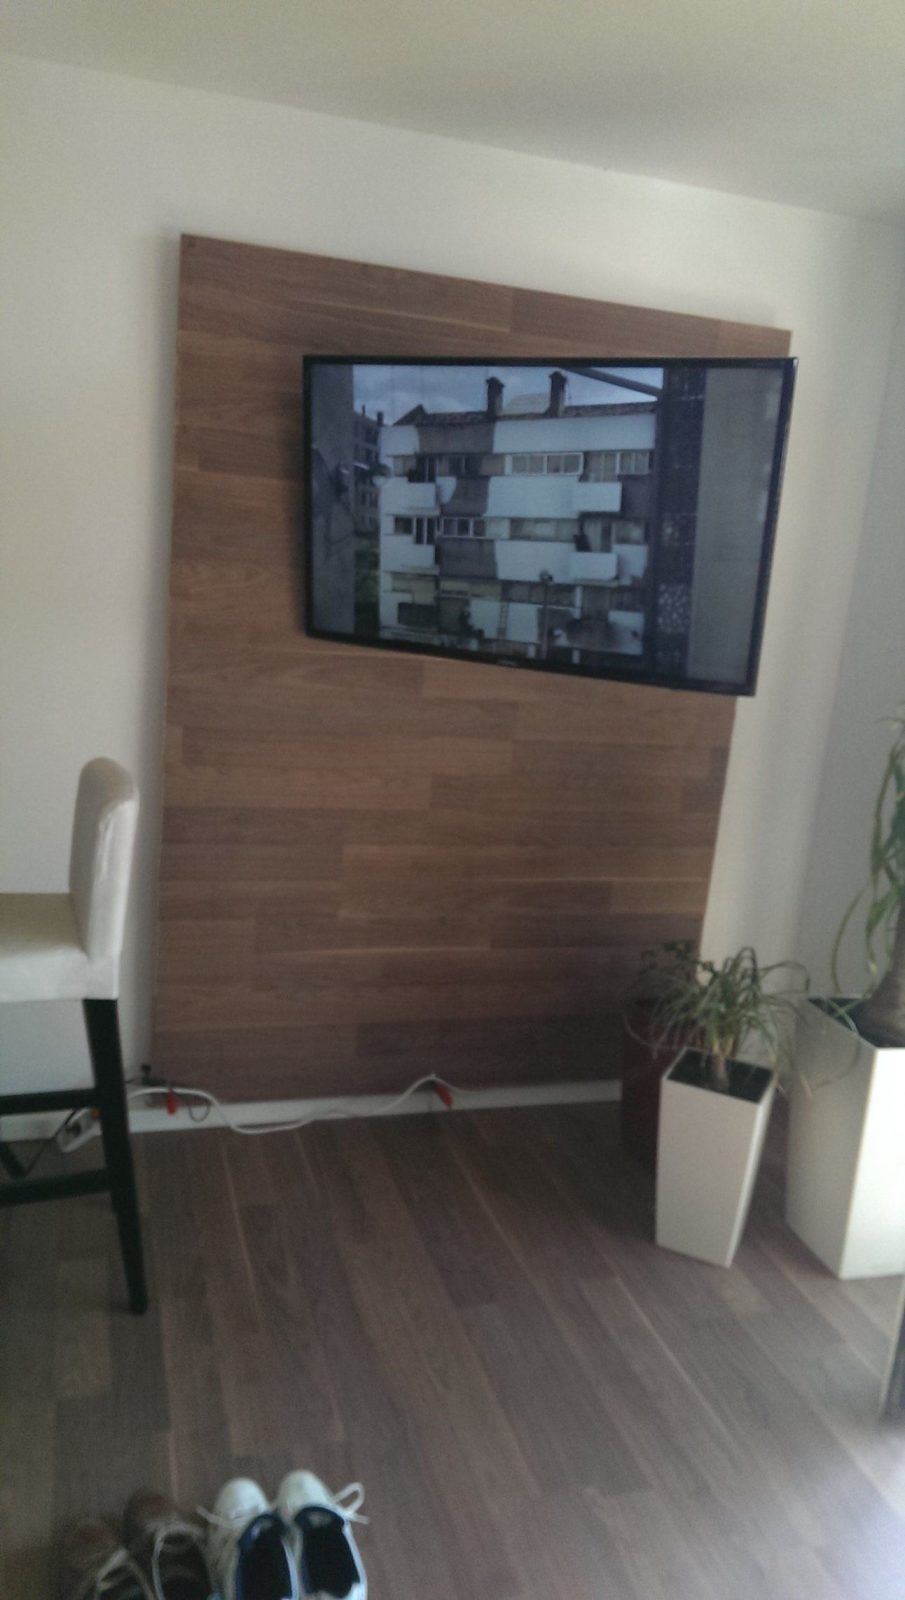 Tv Wand Selber Bauen Rigips Mit Renovierungs Tipp Eine Kleine Tv von Tv Wand Selber Bauen Rigips Bild